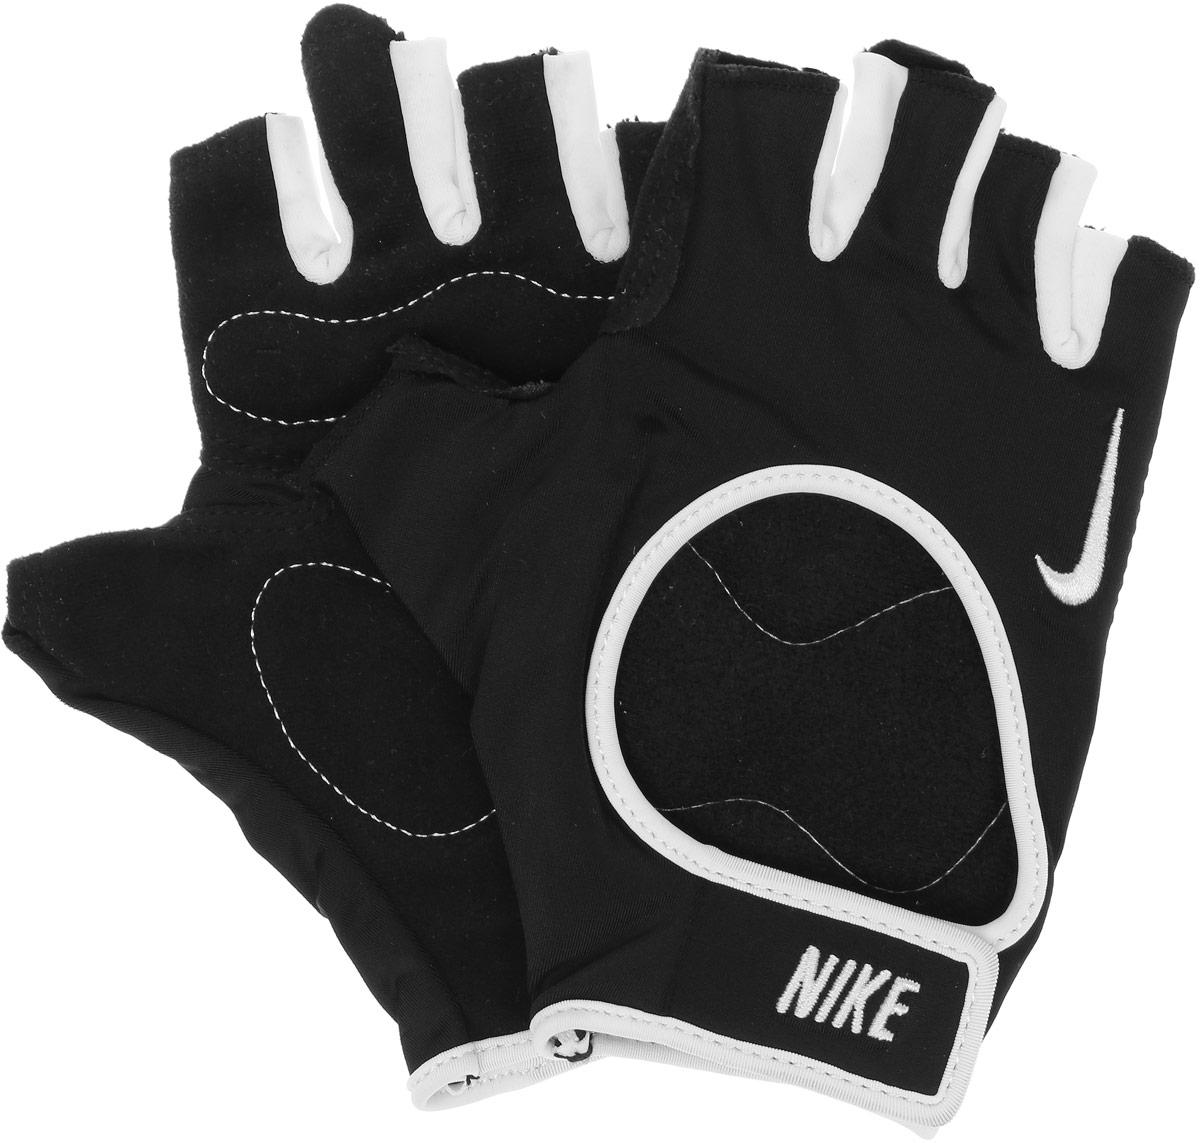 Перчатки для фитнеса женские Nike, цвет: черный, белый. Размер LN.LG.B0.027.LG_черный, белыйЛегкие женские перчатки Nike для зала. Обеспечивают стабильную поддержку во время силовых тренировок. Открытый верх перчаток обеспечивает отличный воздухообмен, благодаря которому Ваши руки будут оставаться сухими. Мягкий и прочный материал на ладони - для комфорта и защиты.